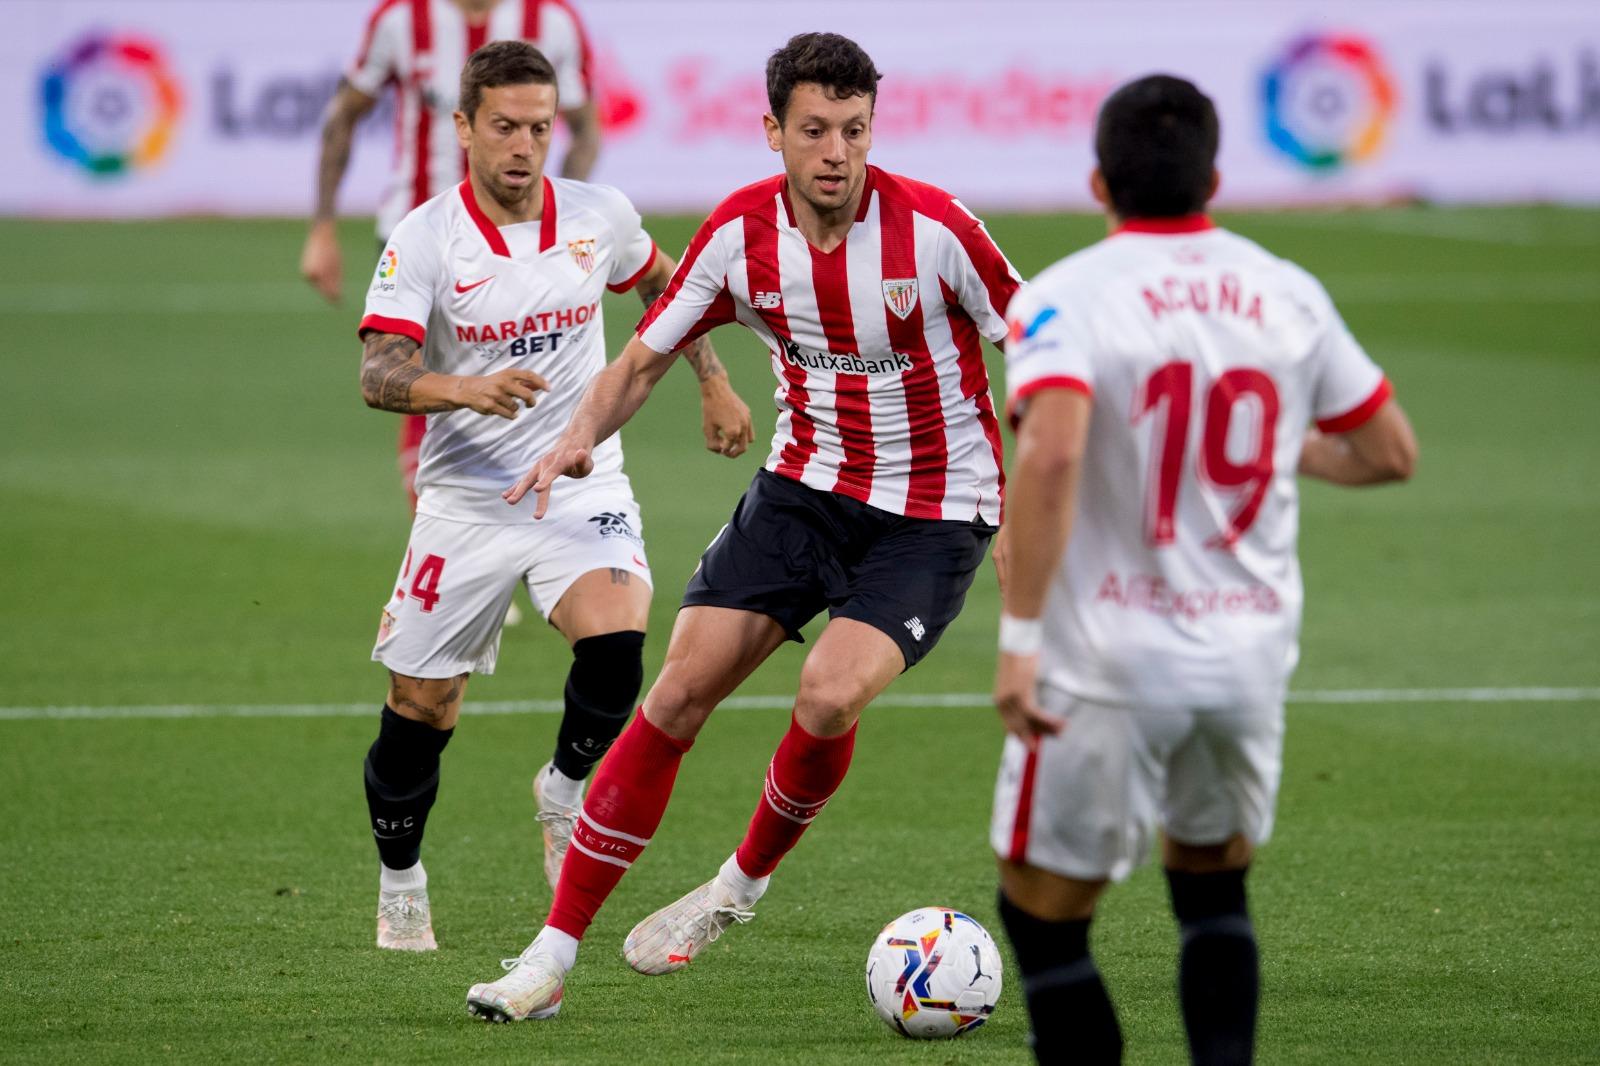 Las mejores imágenes del partido entre el Sevilla y el Athletic